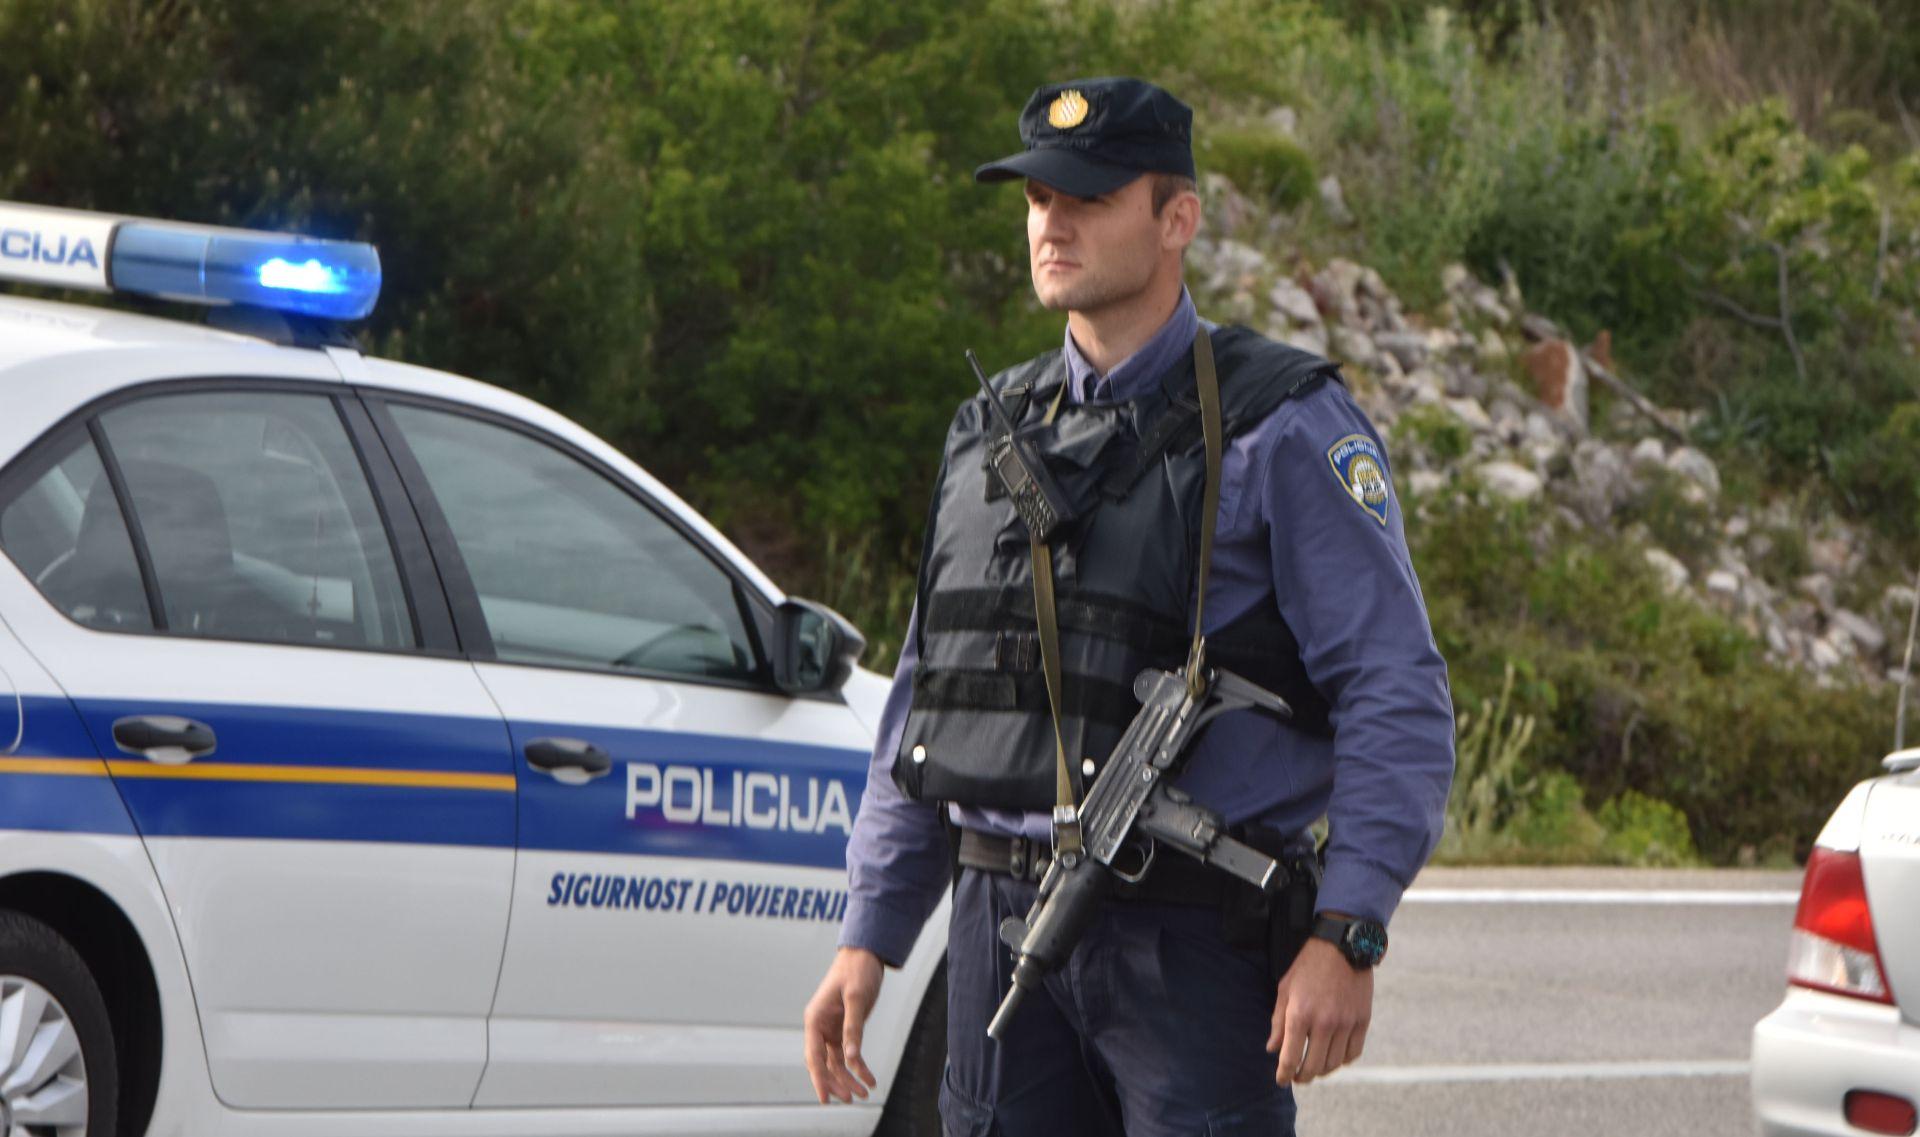 TROSTRUKO UBOJSTVO Policija našla naoružanog sumnjivca, on prijeti samoubojstvom